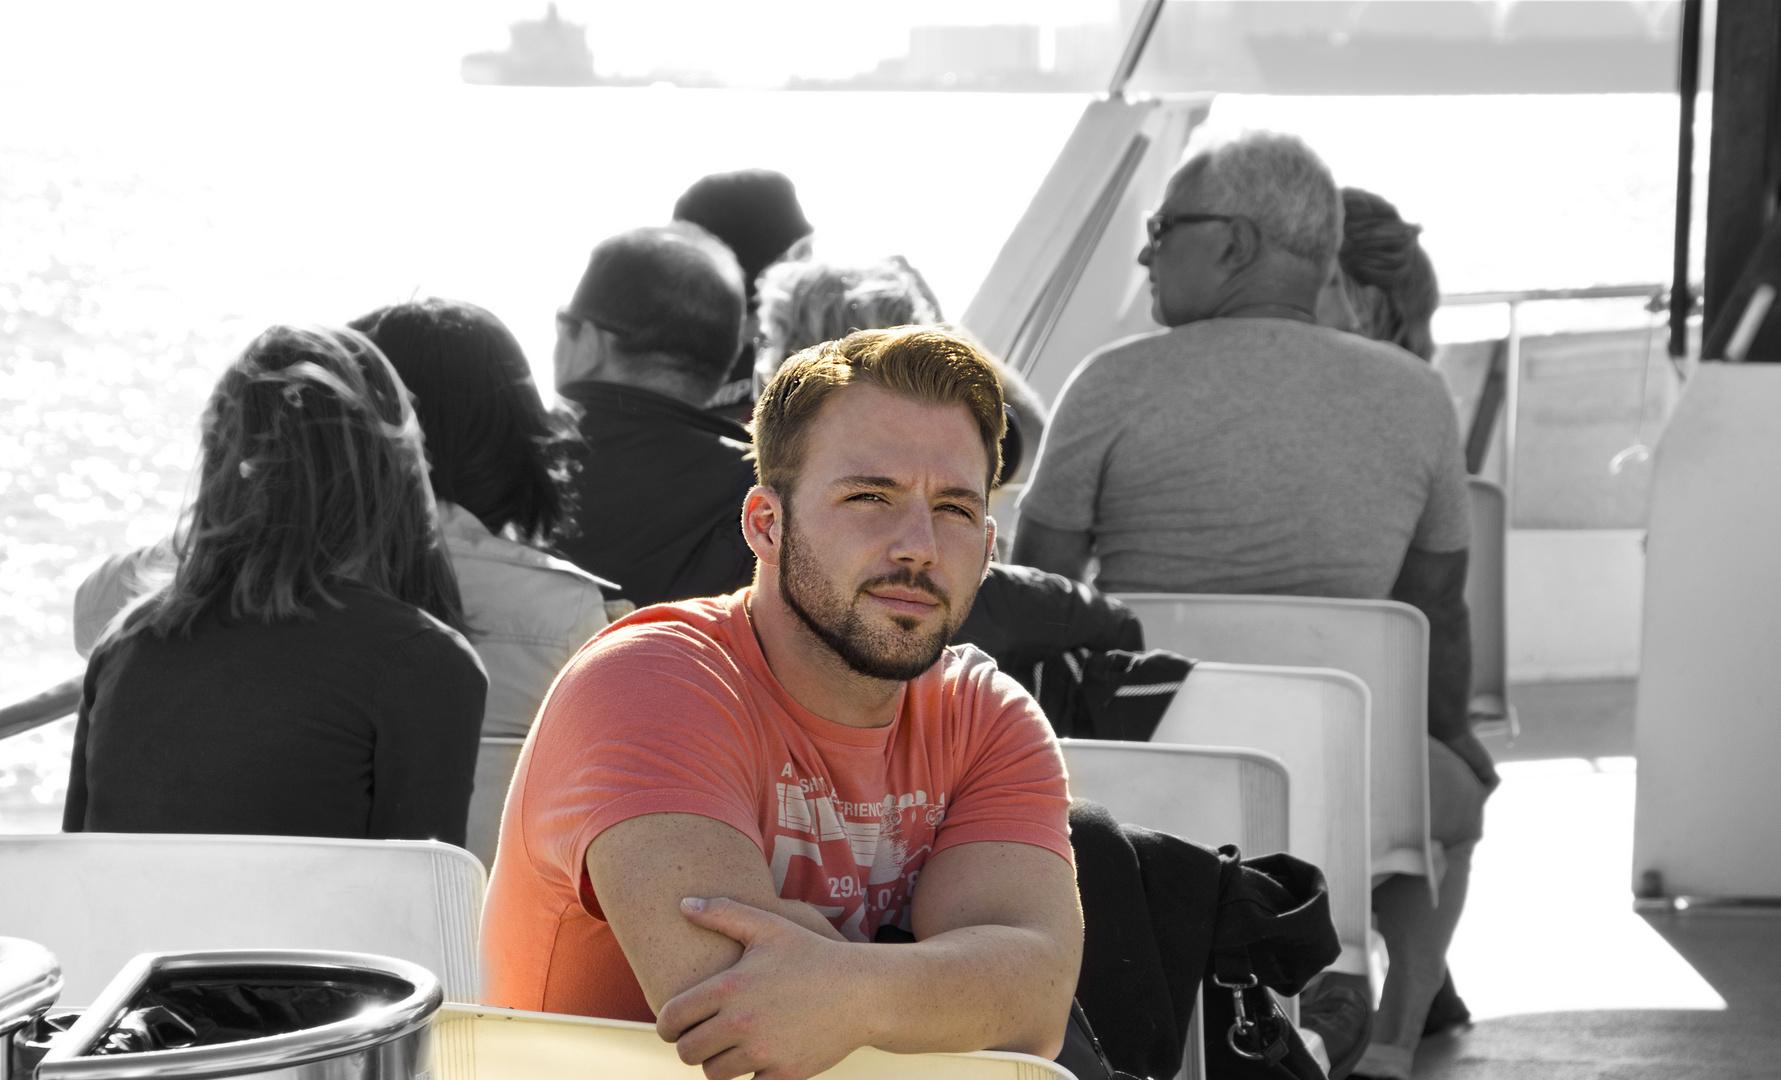 Me in November at the Barcelona Port